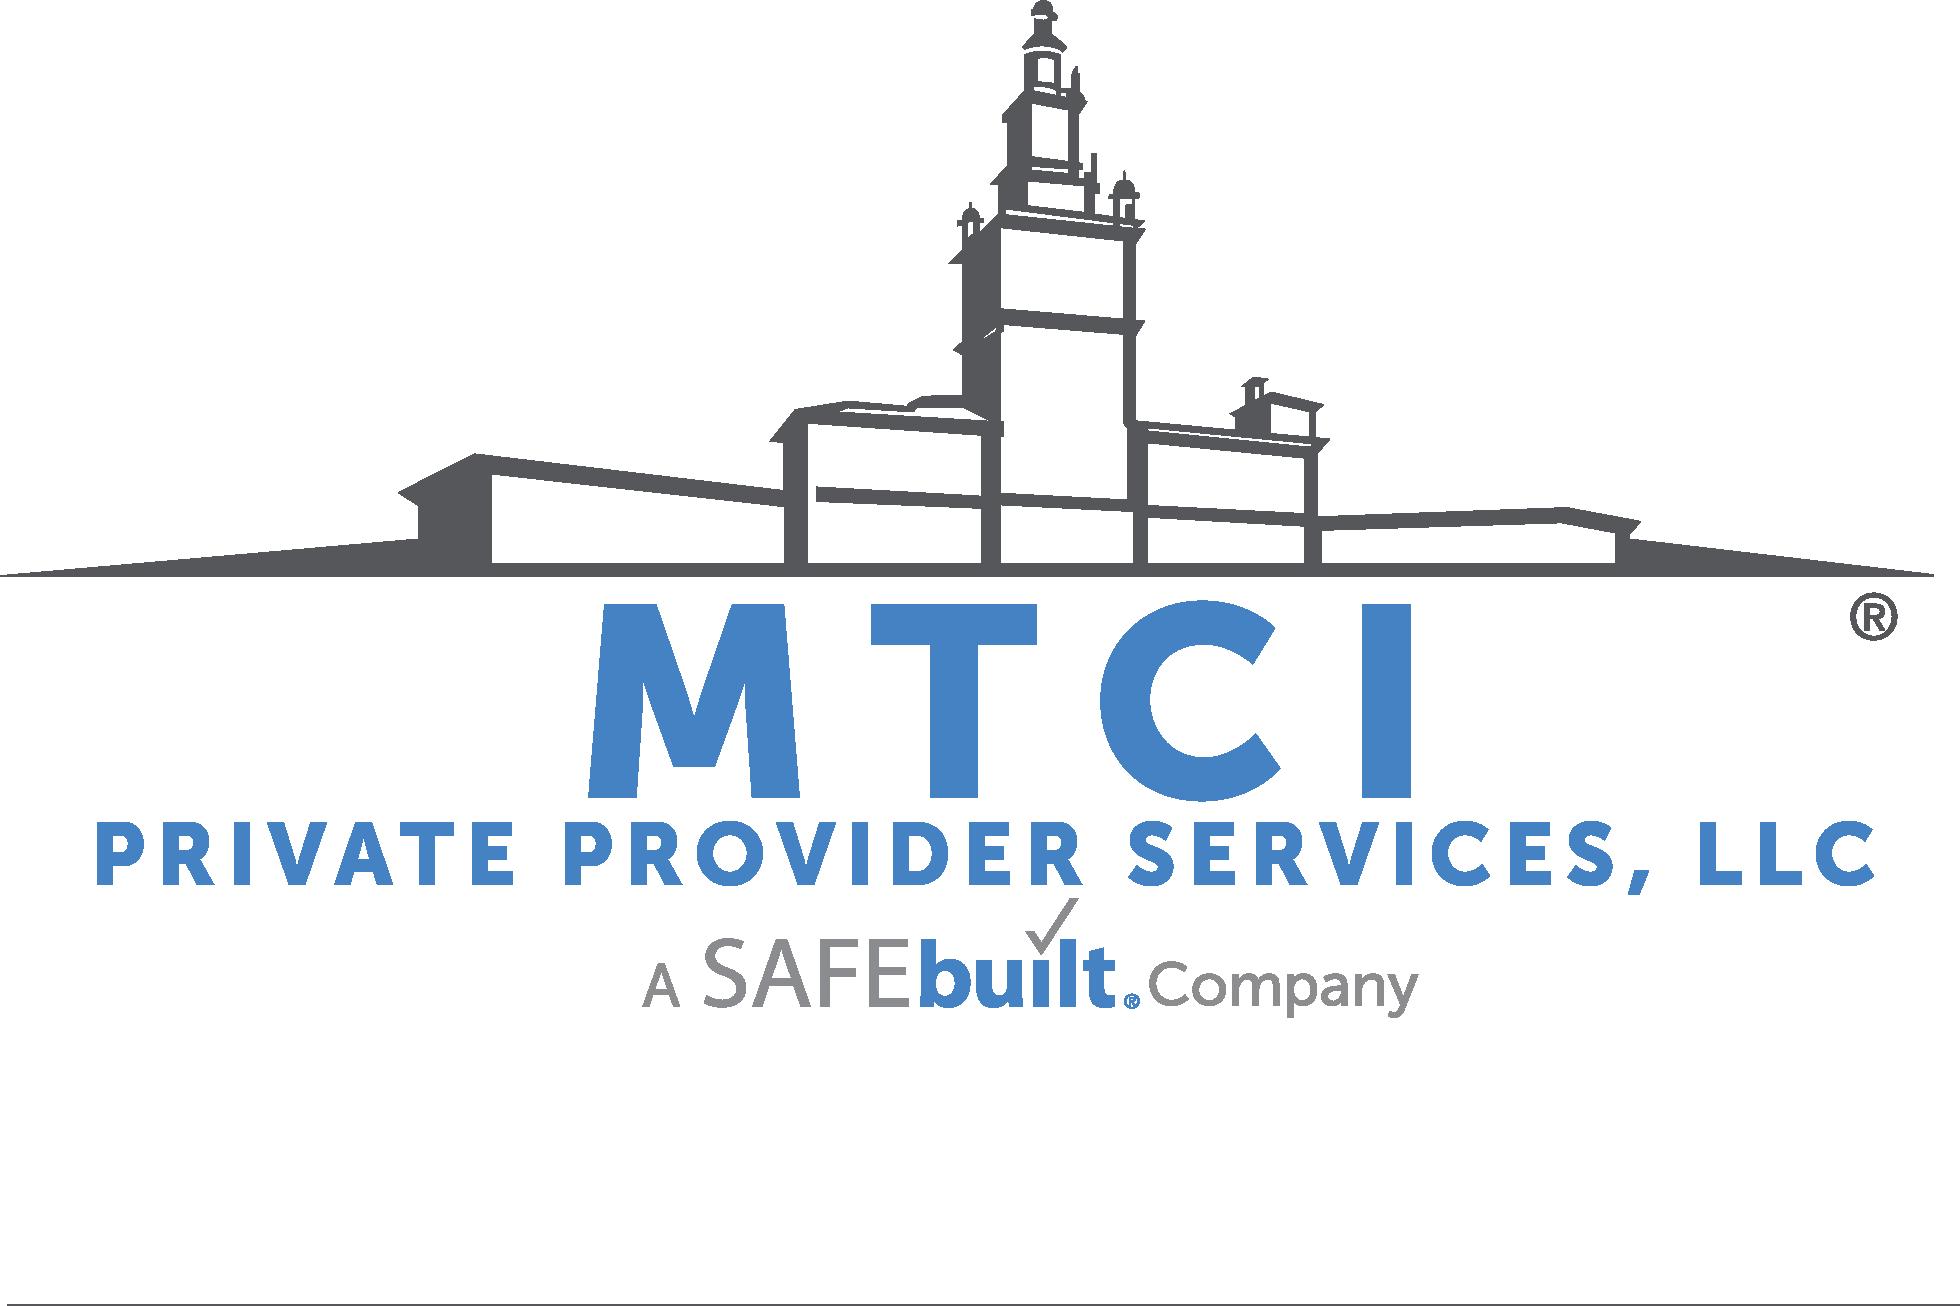 MTCI Private Provider Services